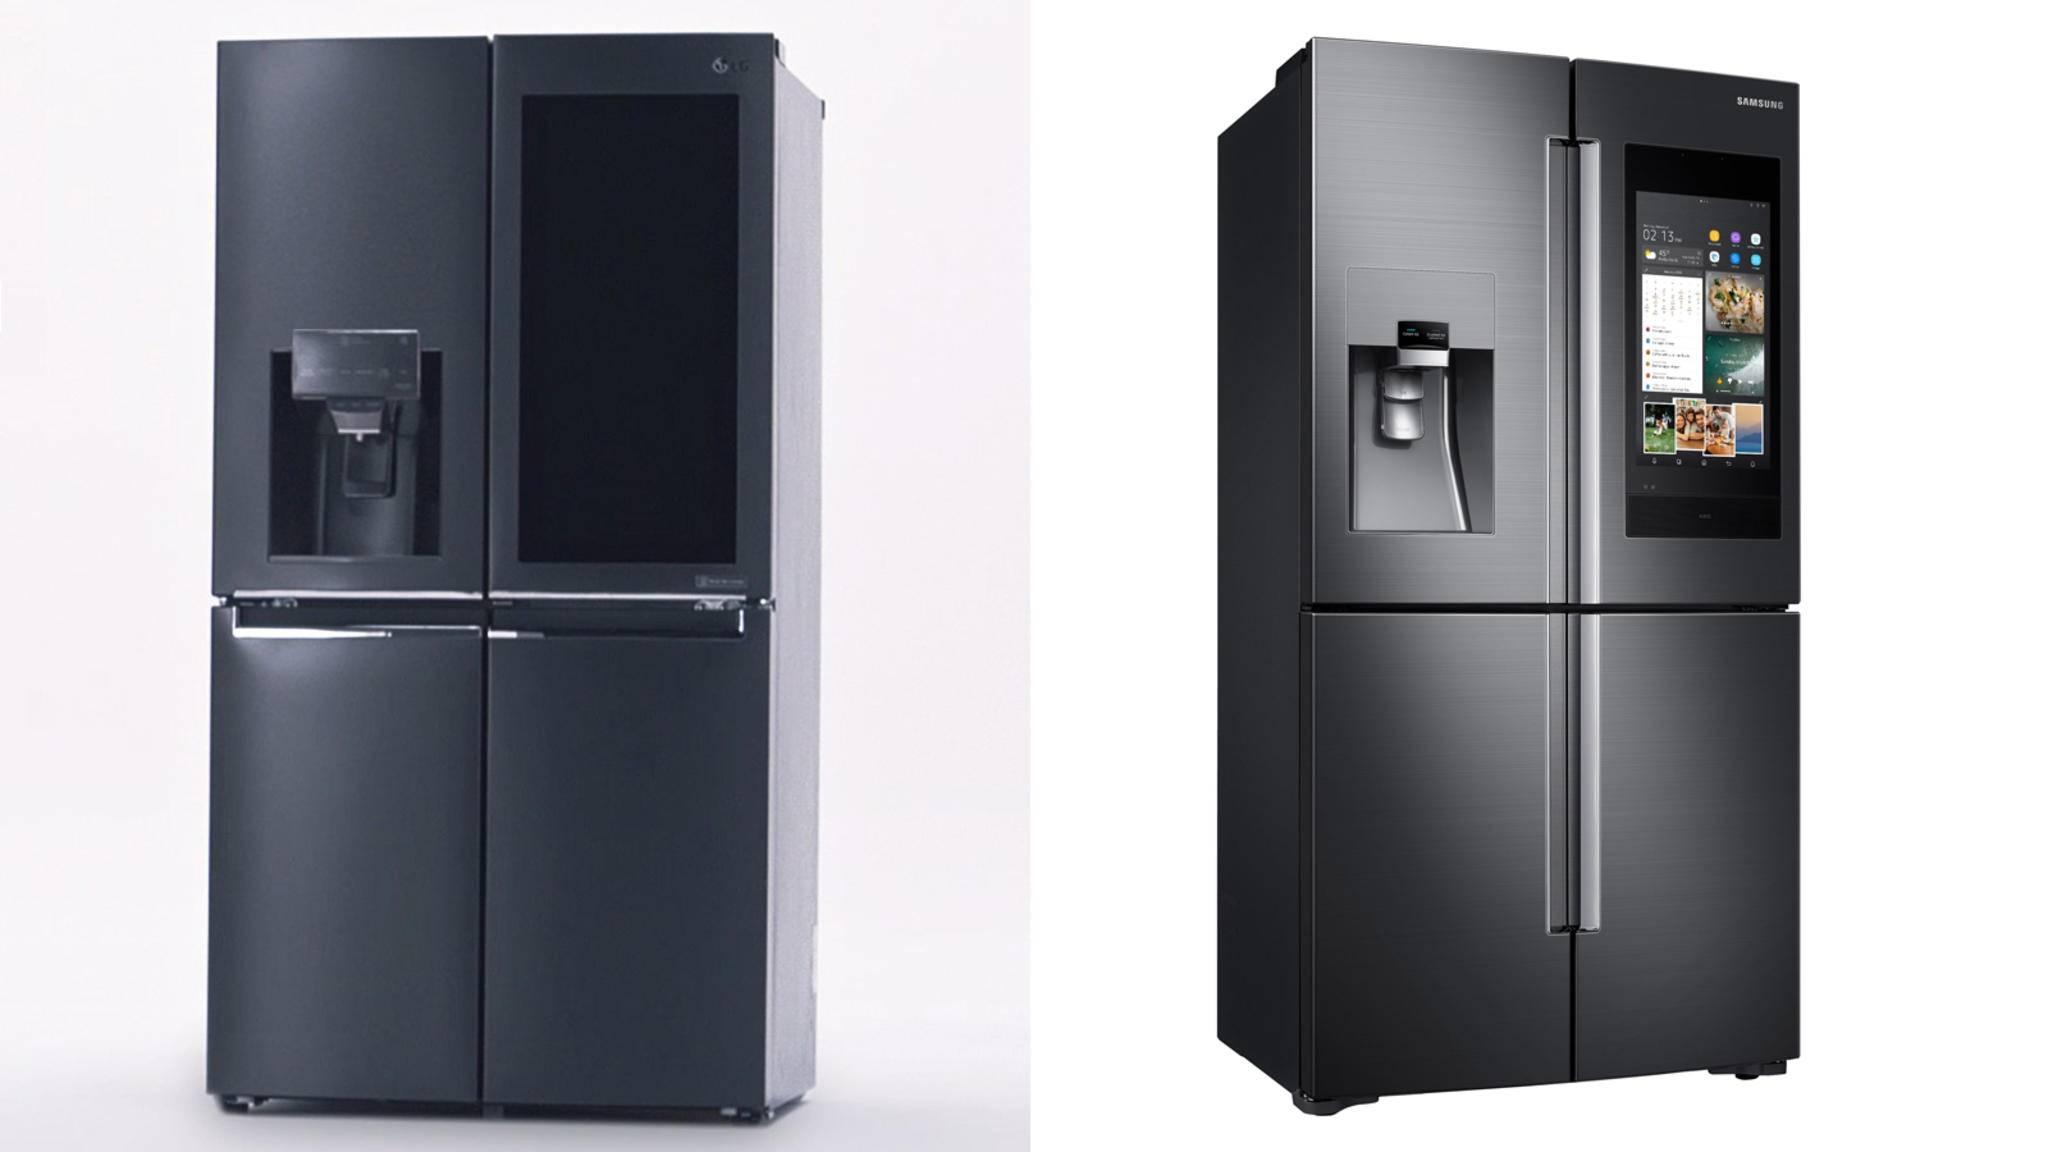 Kühlschrank Q : Neuheiten bei kühlschränken energieeffizienz und hightech q